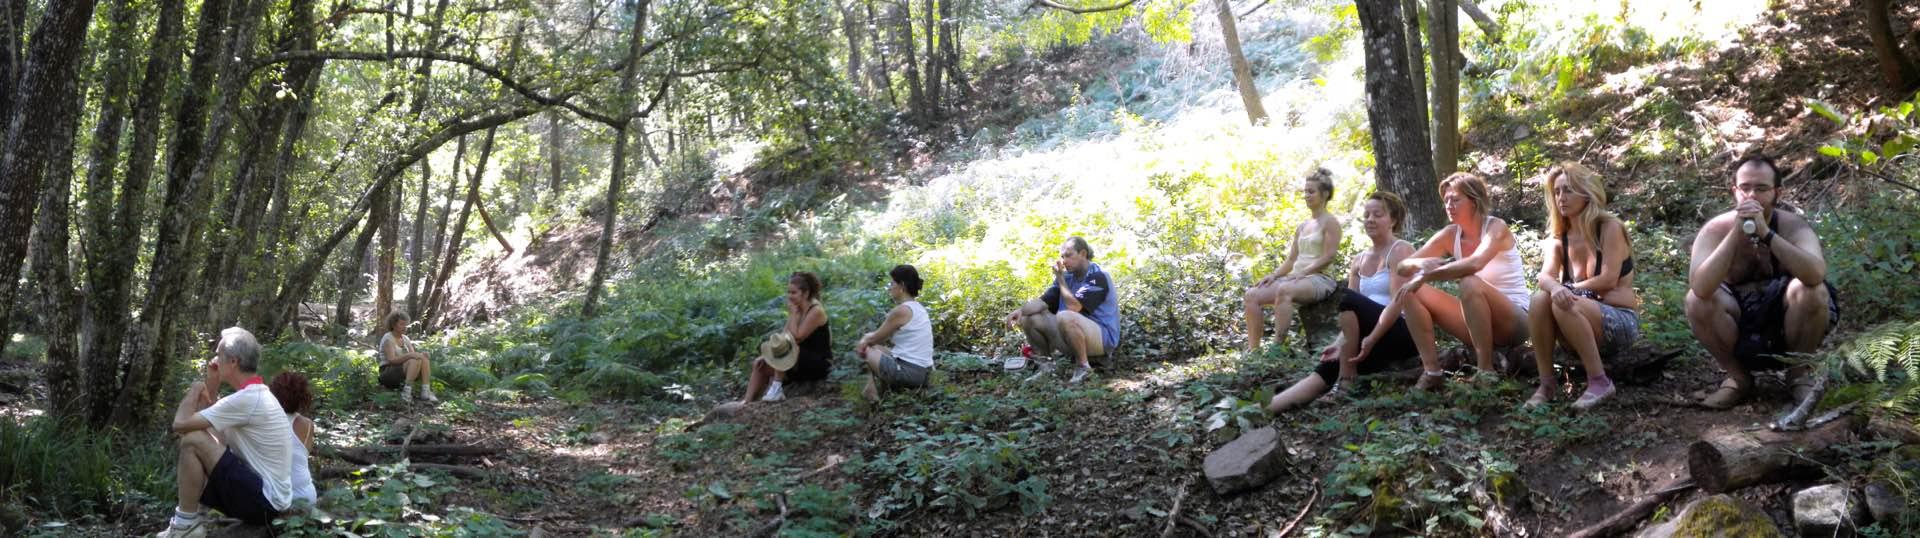 Meditacion en el bosque - vacaciones y crecimiento personal con Katia Rashmi